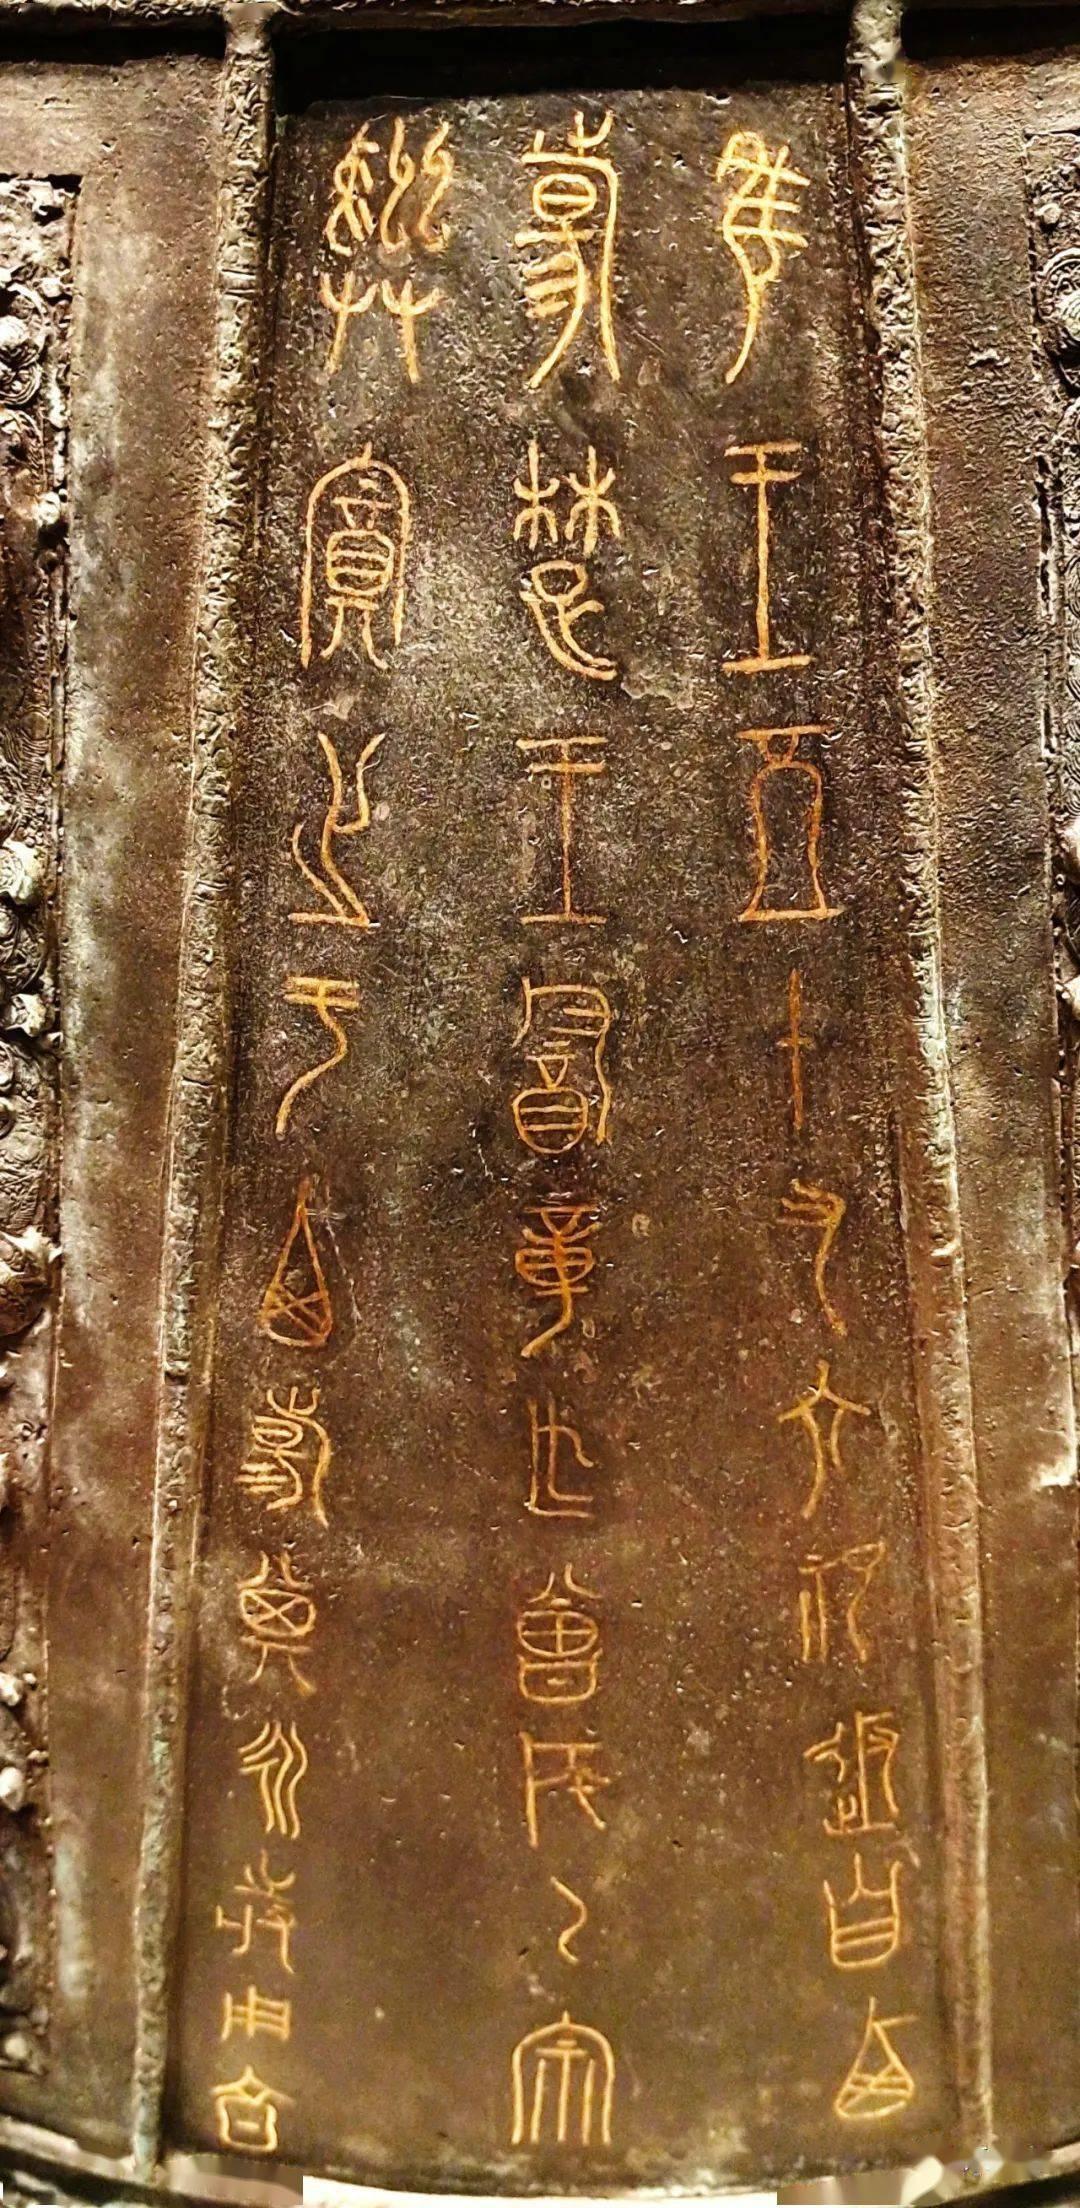 随枣吉金 鄂曾重宝:刘柯分享随州博物馆青铜器系列之五